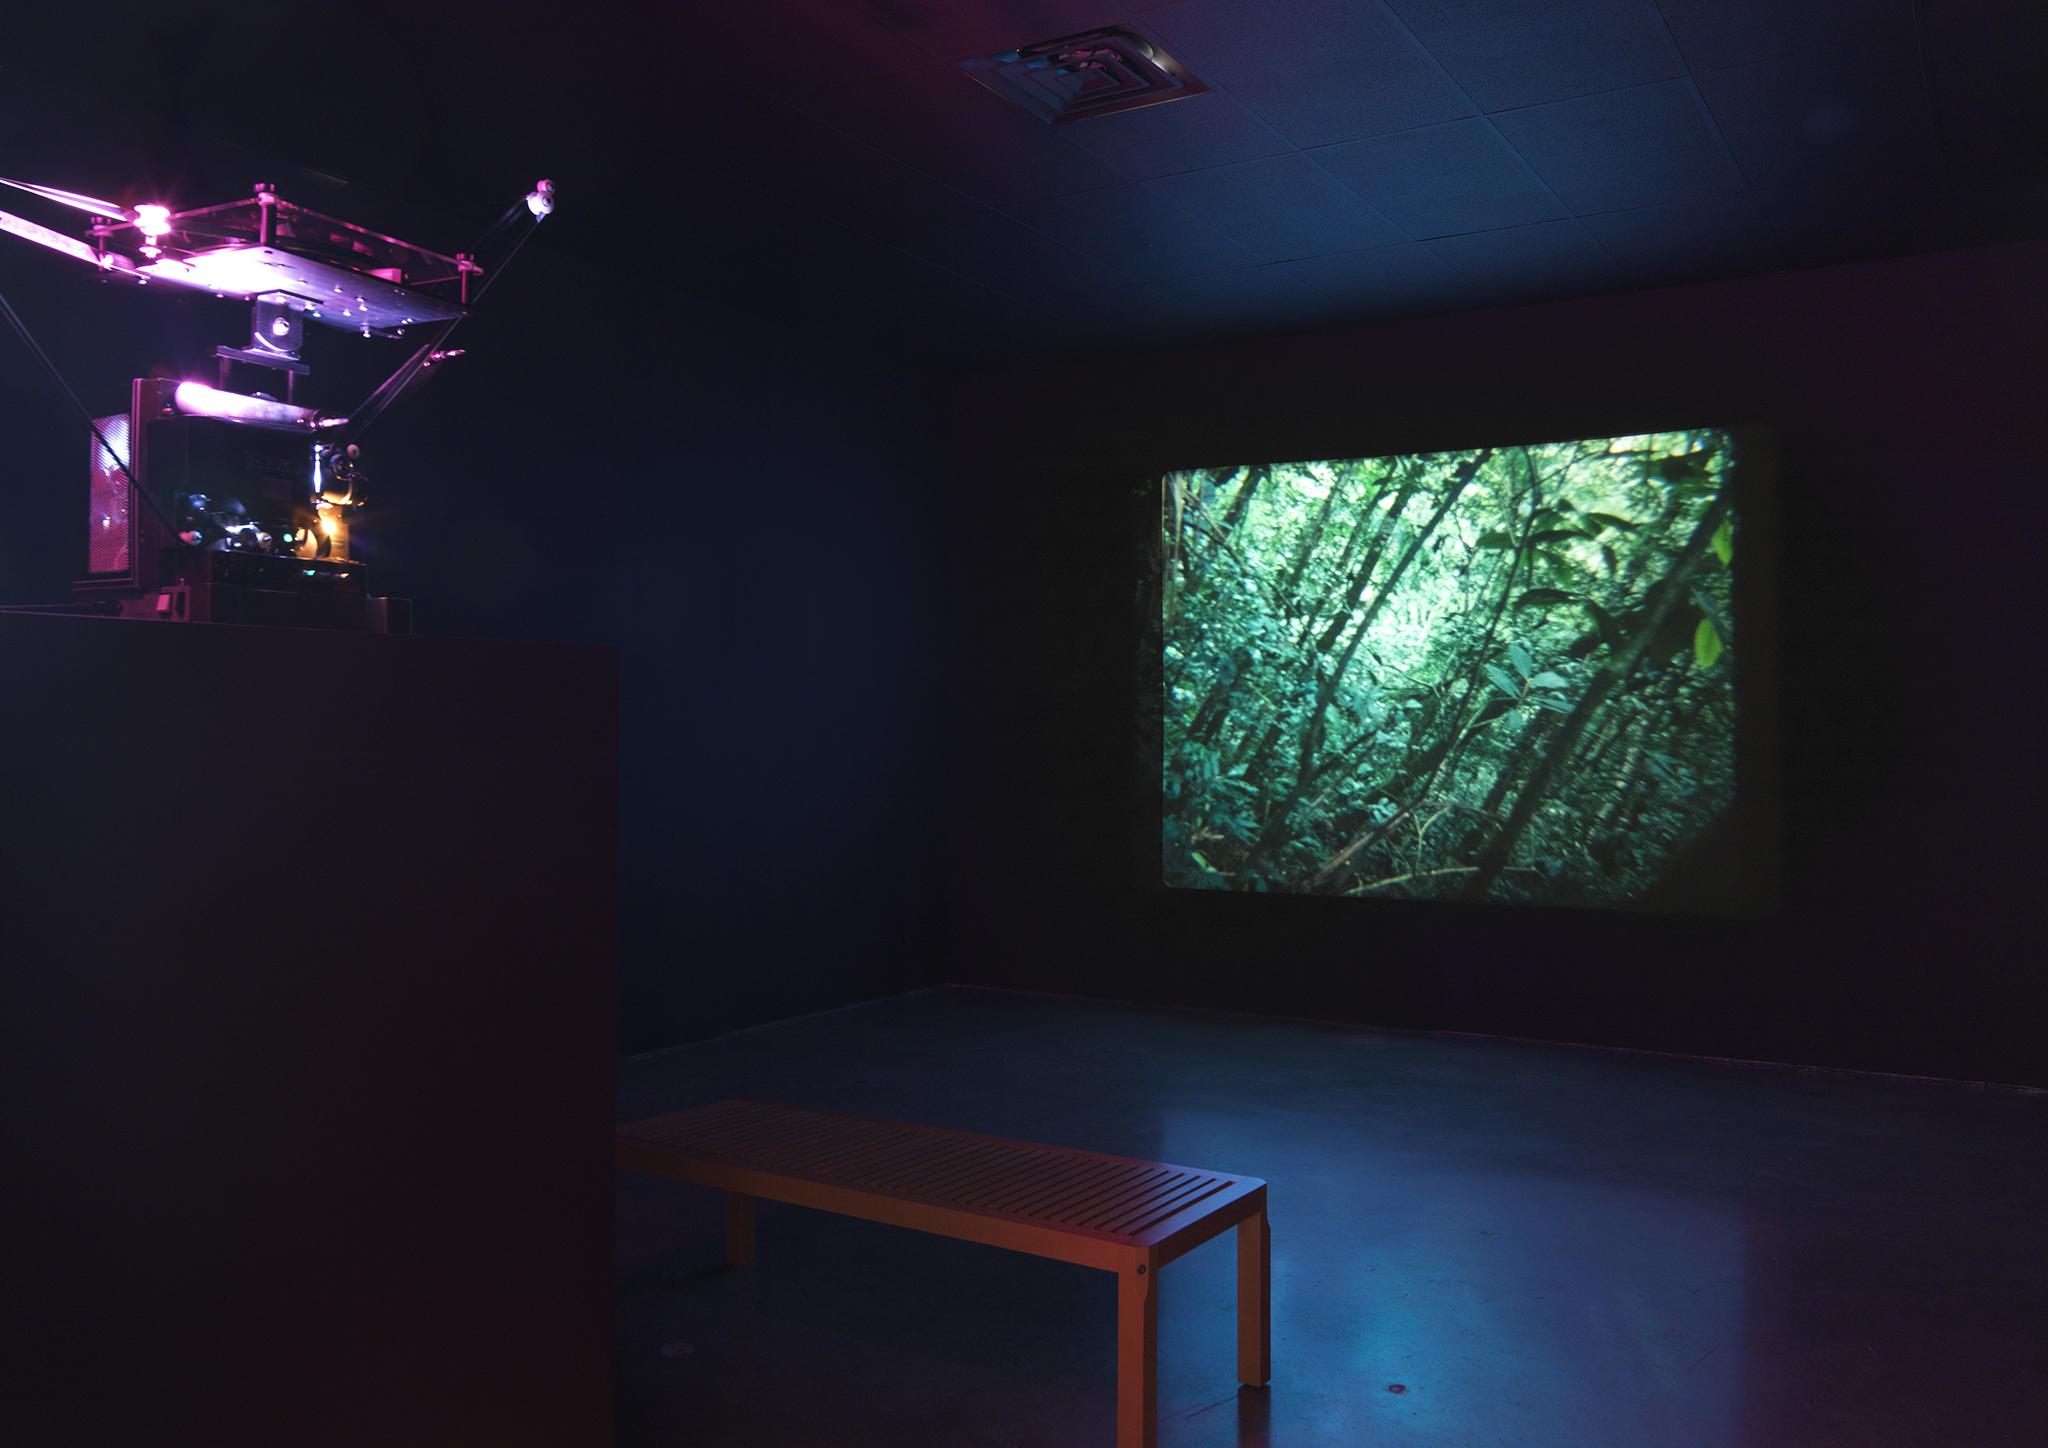 Daniel Steegmann Mangrané, Spiral Forest (Kingdom of all the animals and all the beasts in my name) 2013-15. Film 16mm, colore, silenzioso; 11 min 4 sec. Veduta dell'installazione: CCS Bard Hessel Museum, 2018. Courtesy dell'artista. Foto: Matt Grub